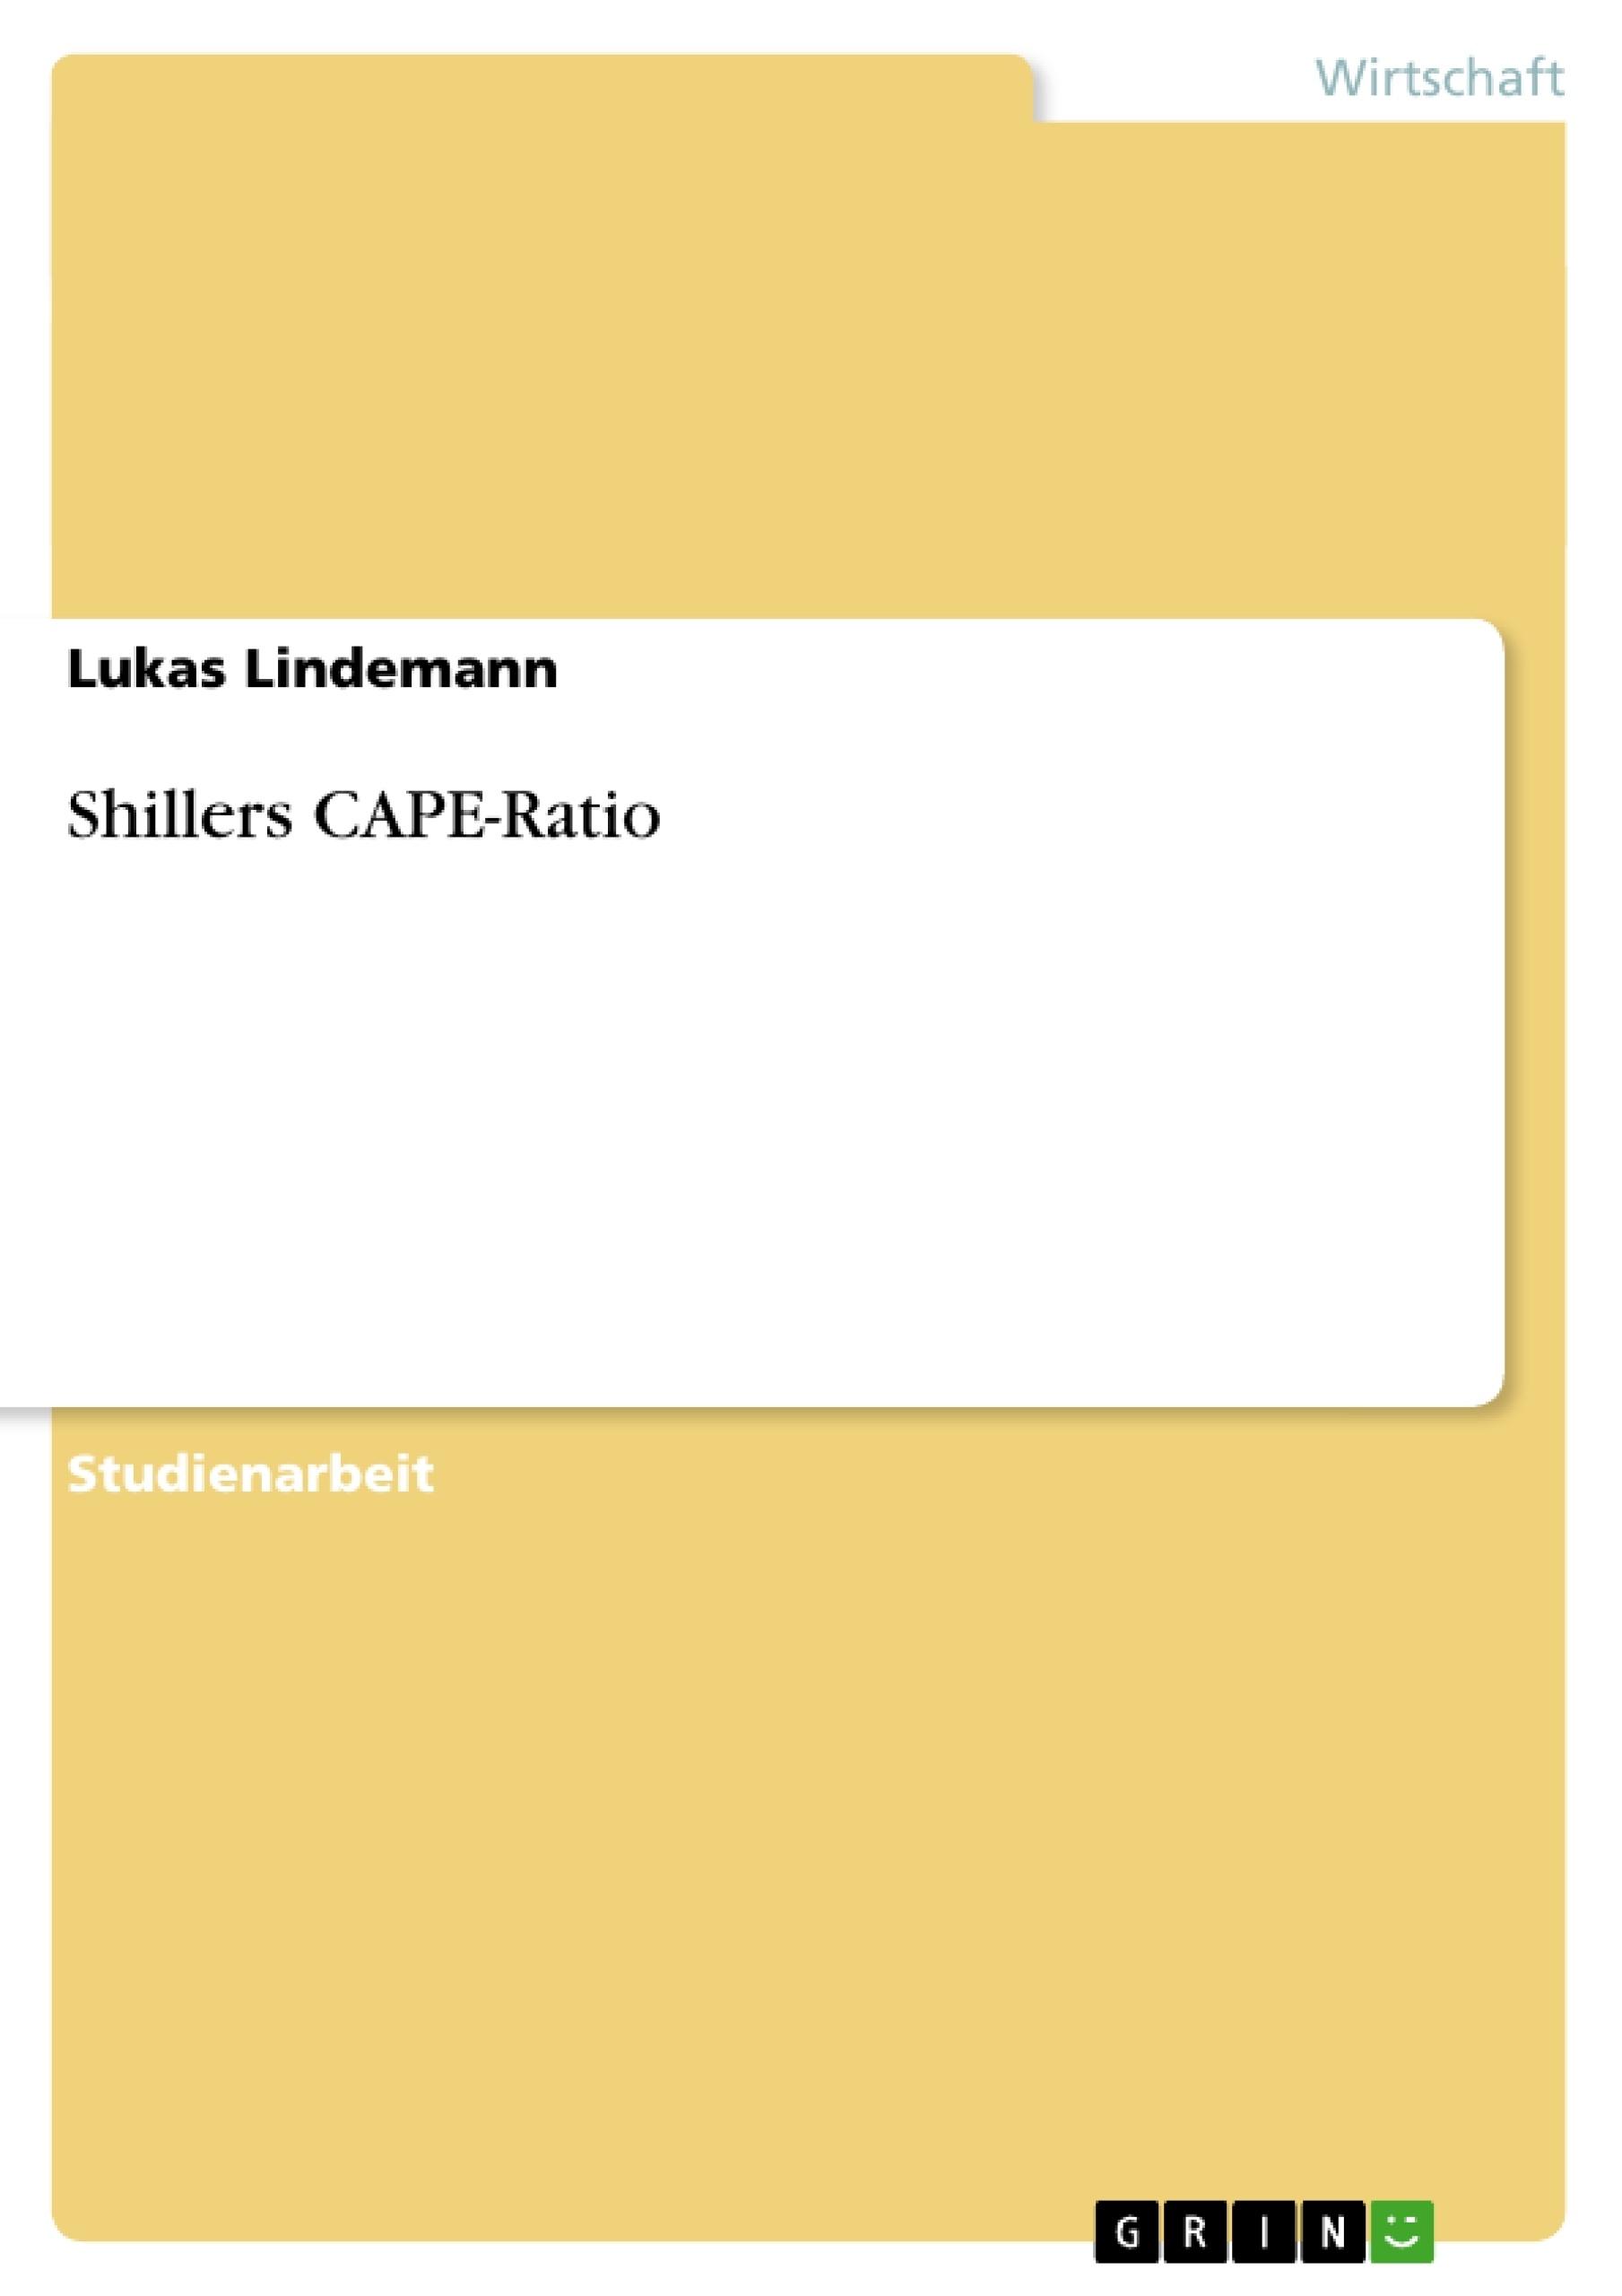 Titel: Shillers CAPE-Ratio